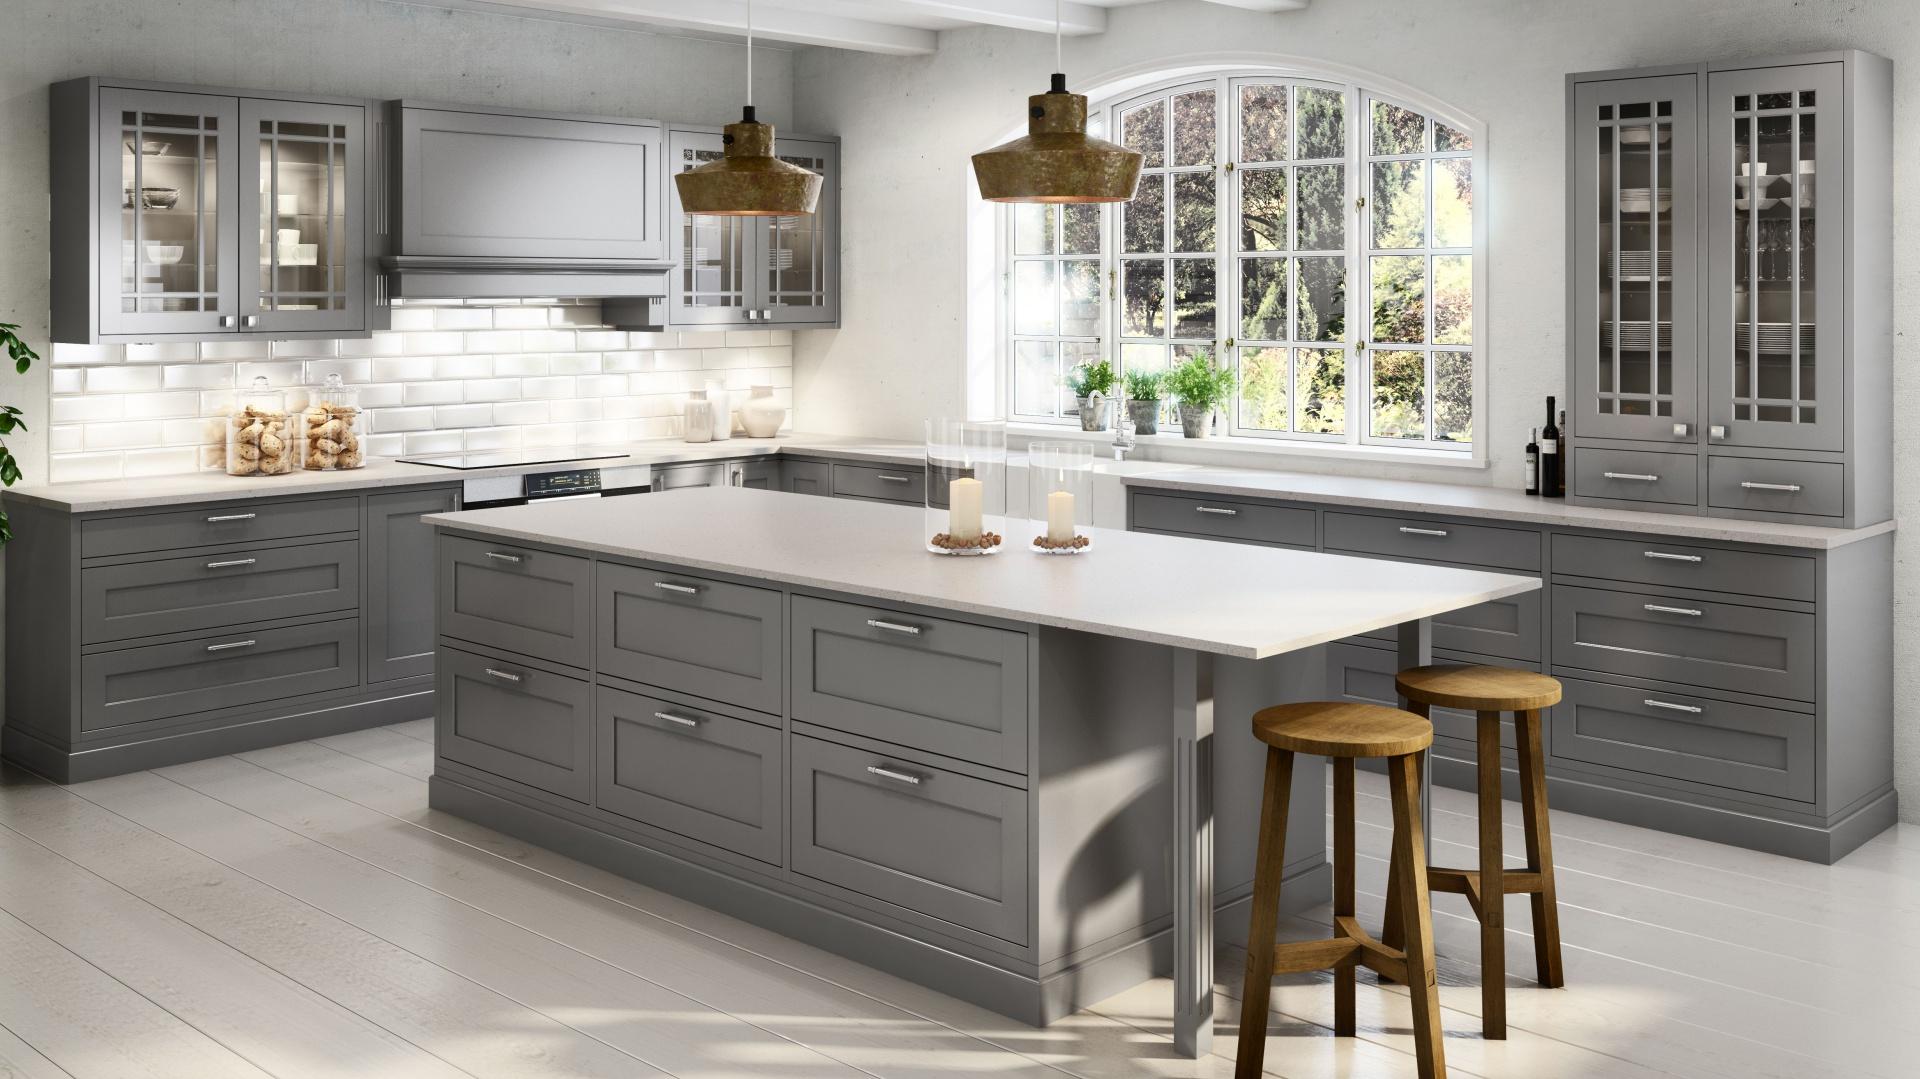 Szara kuchnia utrzymana w klasycznym stylu zachwyca prostymi frezowaniami, przeszkleniami, które dekorują ciekawie układające się szprosy oraz dekoracyjnymi, metalowymi uchwytami. Fot. Sigdal, kuchnia Scala Inframe.